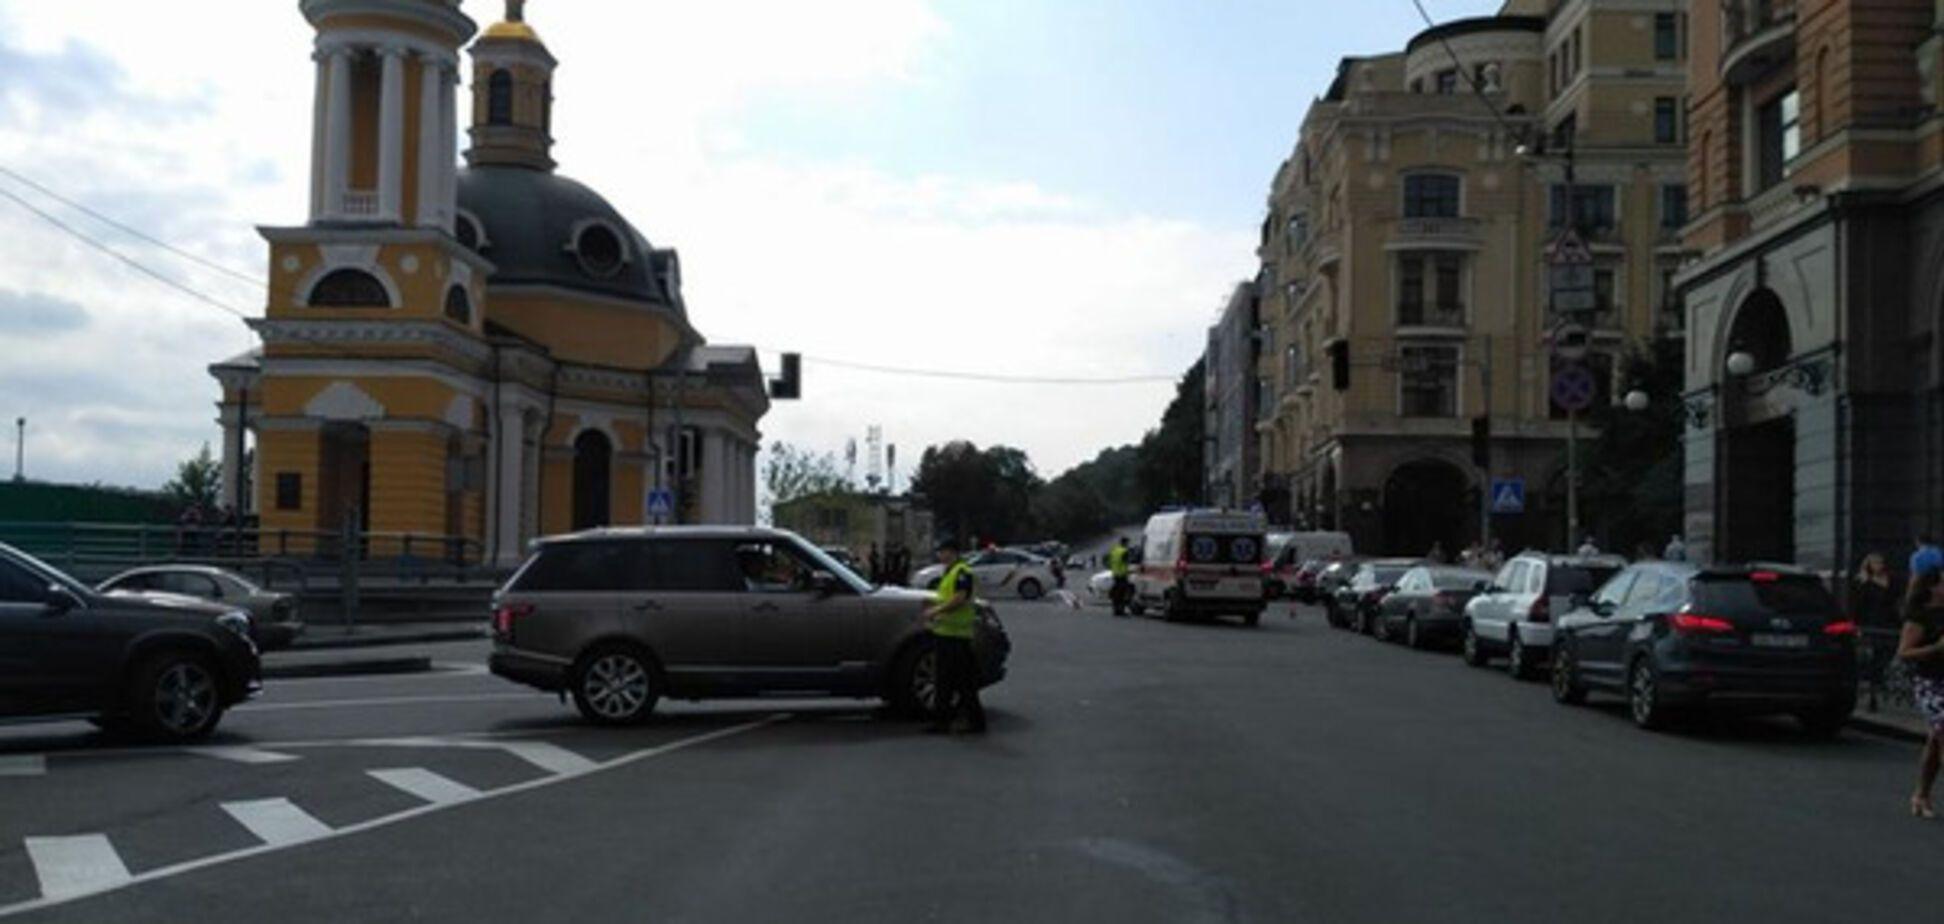 Хресна хода паралізувала рух у центрі Києва: з'явилися фото